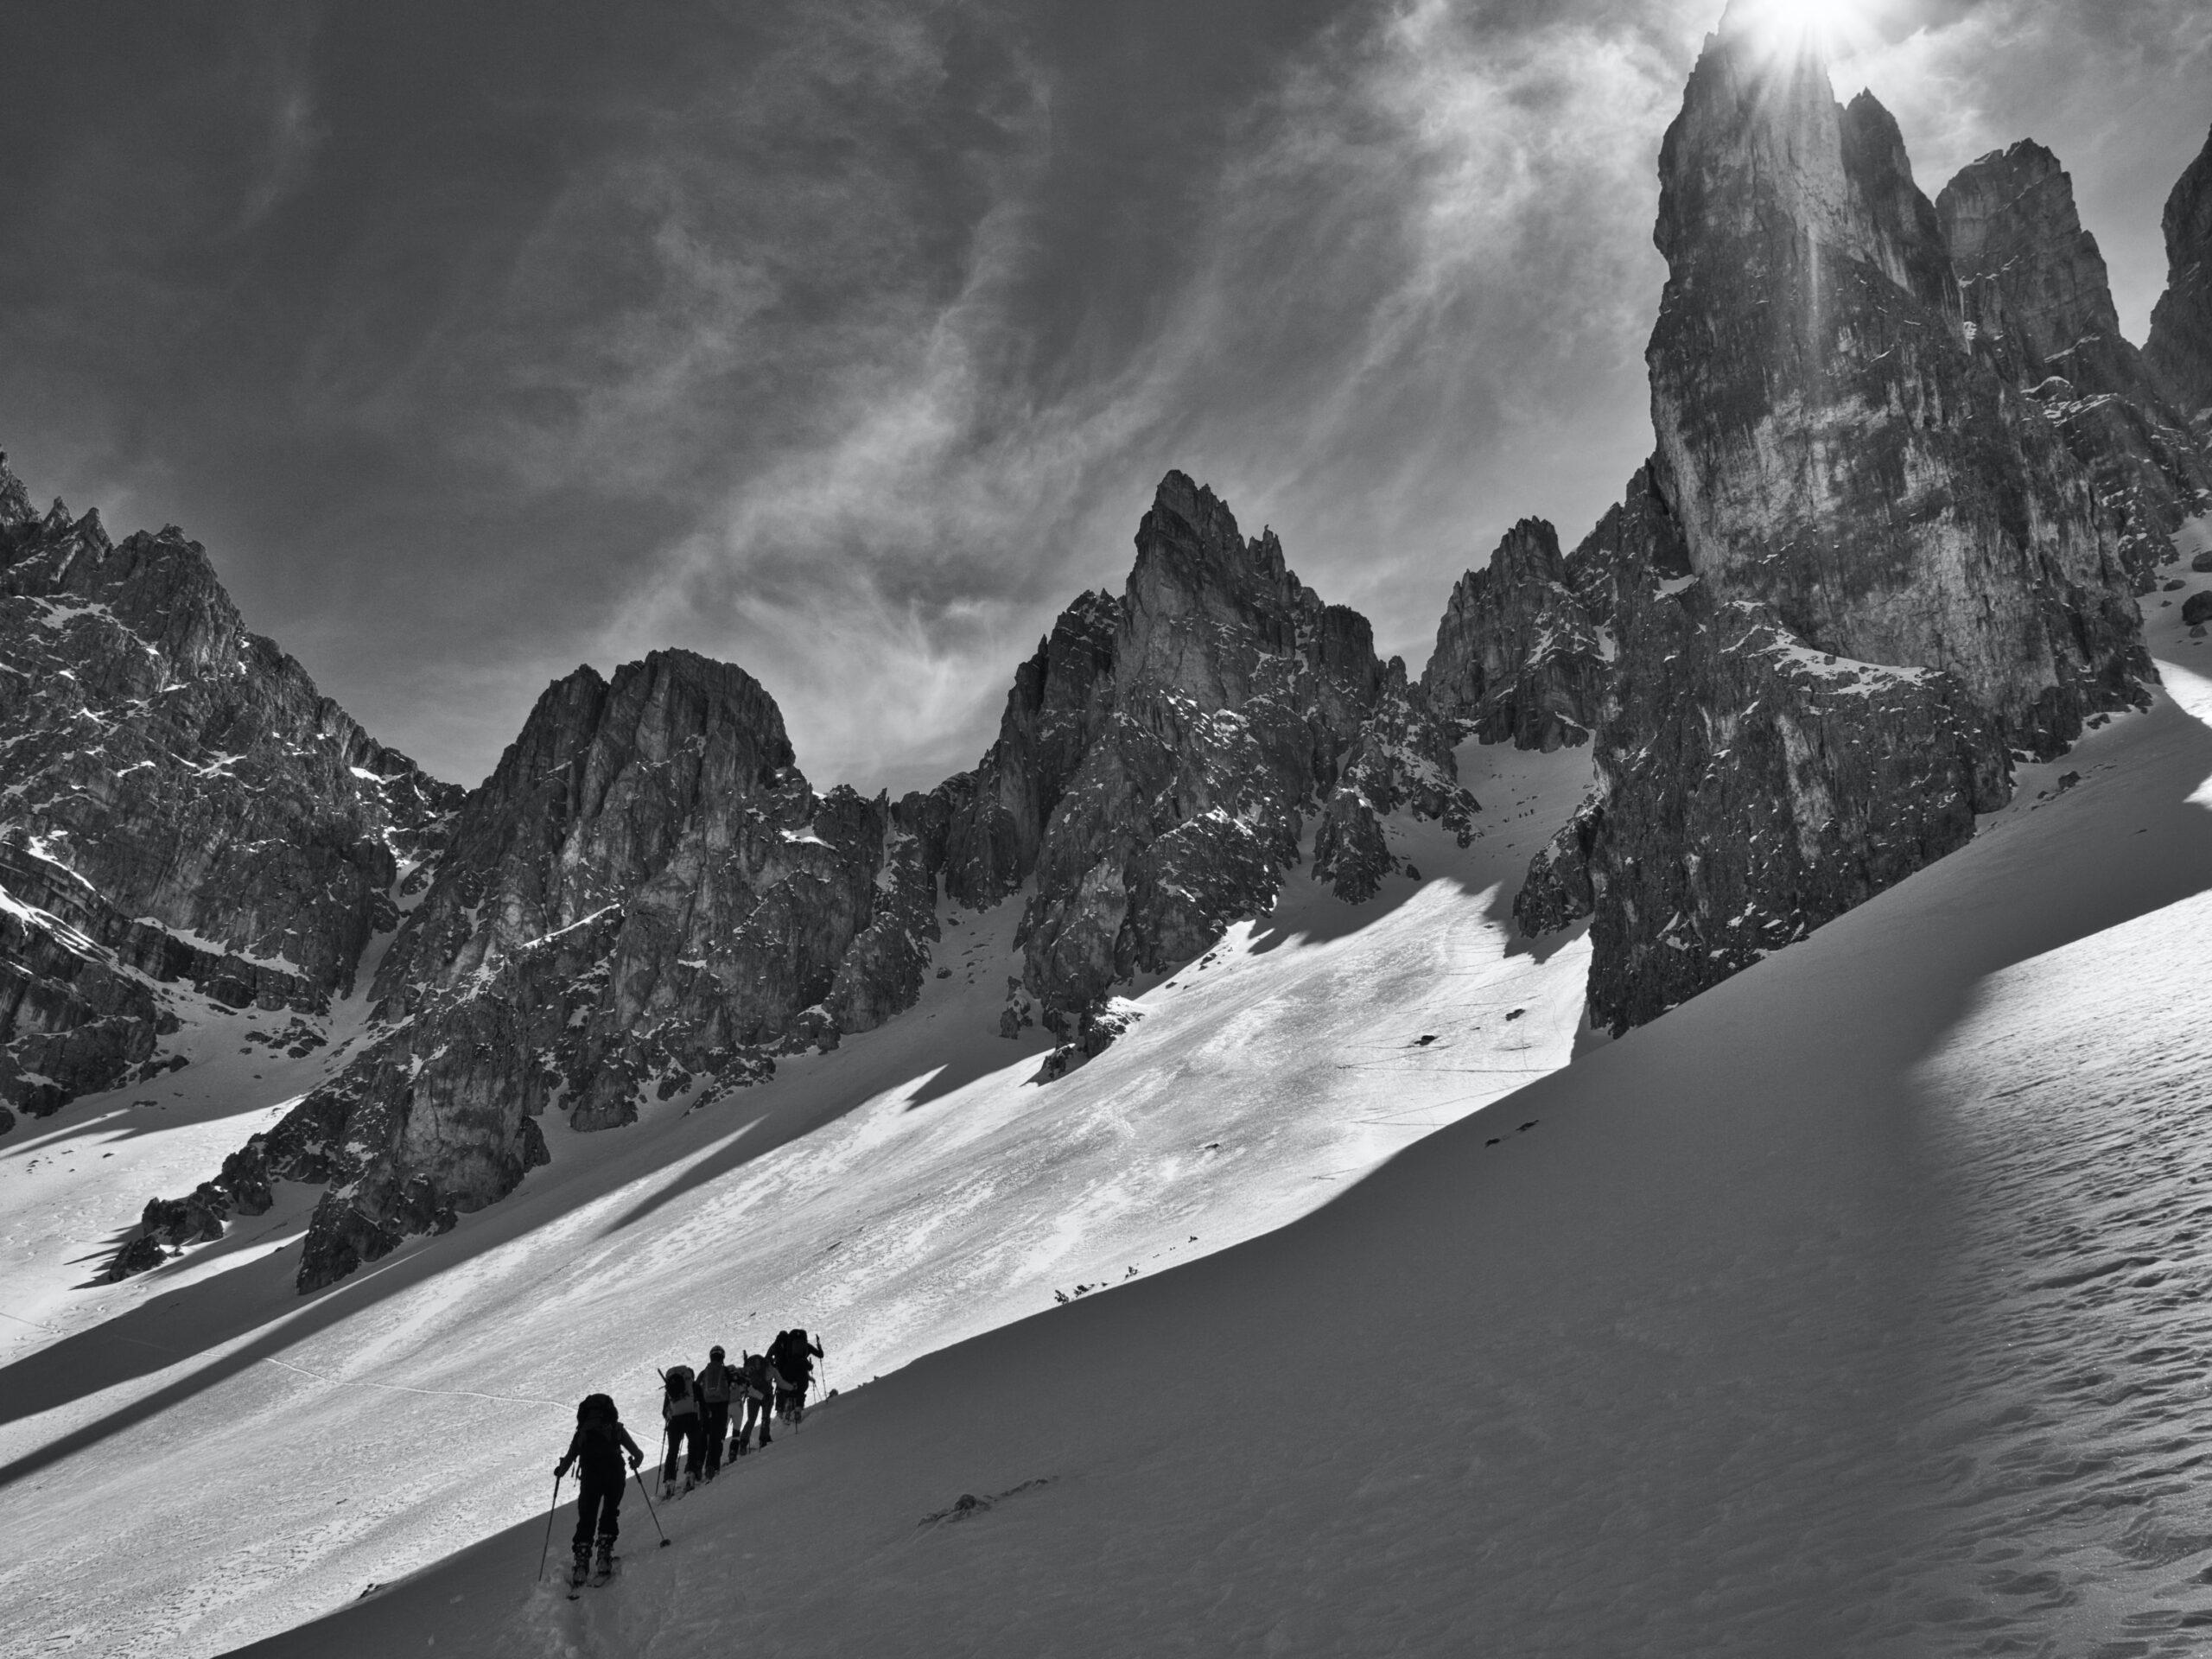 Des alpinistes montent une montagne